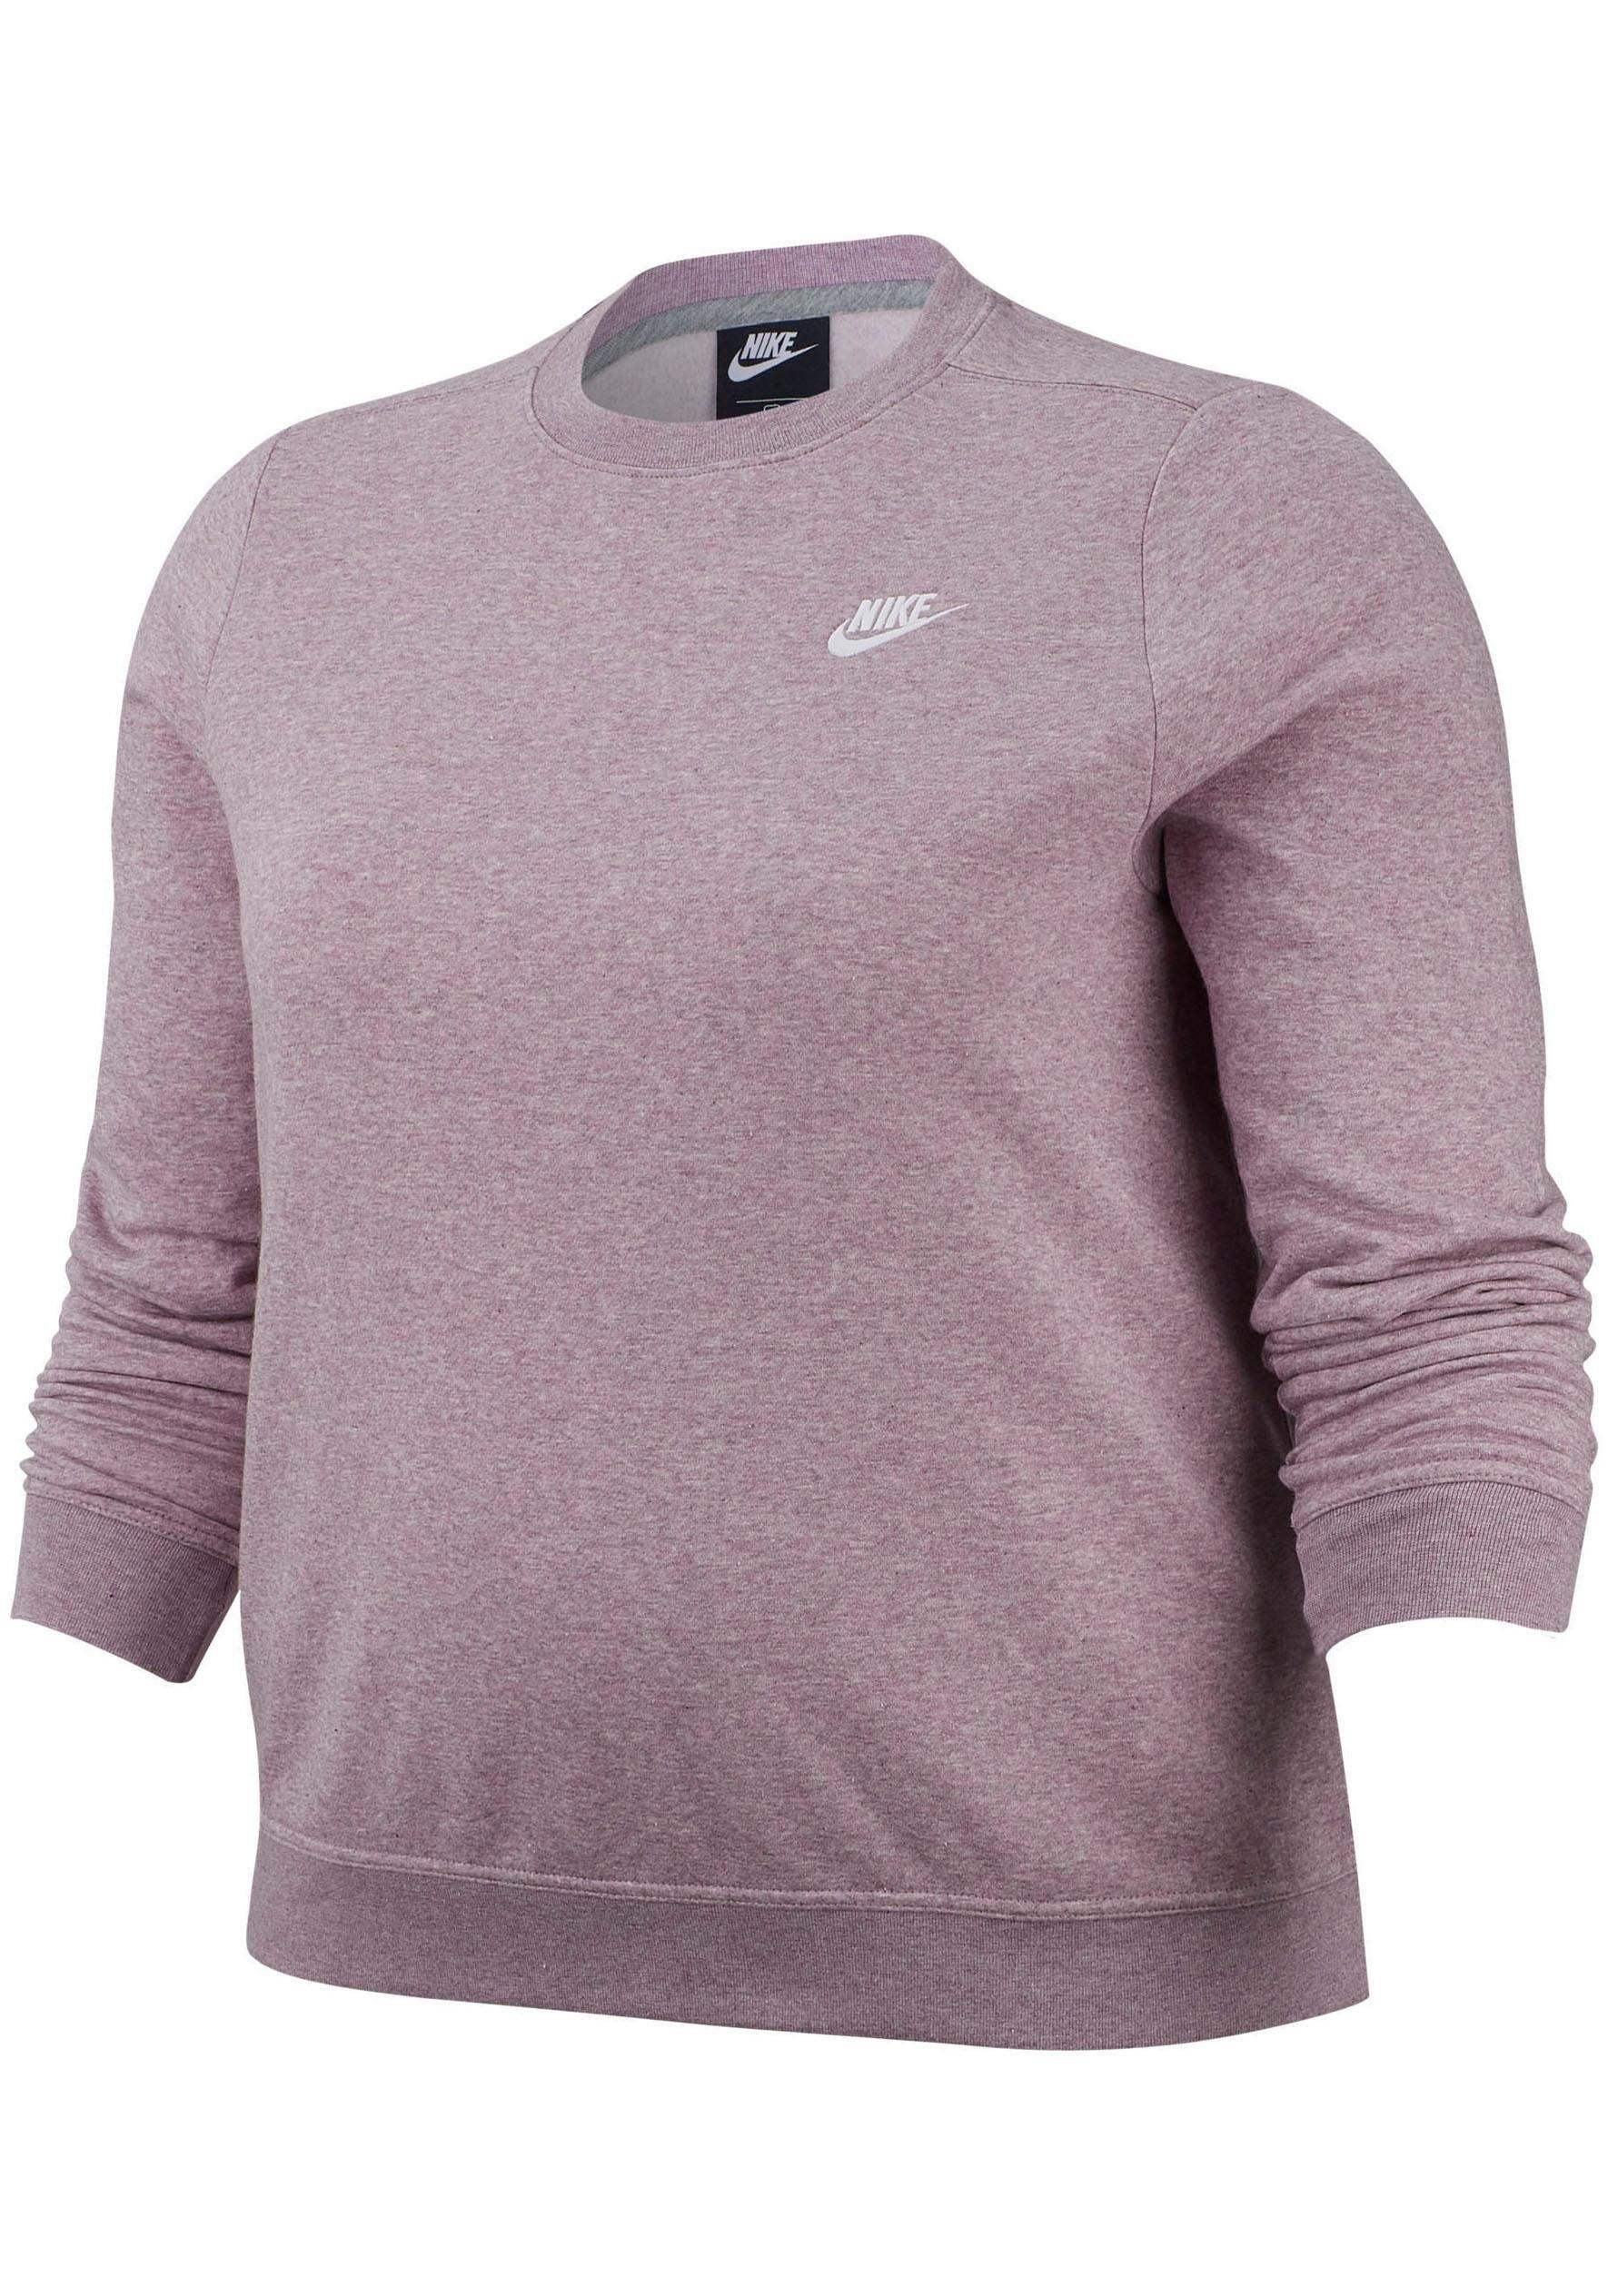 Große Größen: Nike Sportswear Sweatshirt »WOMEN NIKE SPORTSWEAR CLUB CREW FLEECE PLUS SIZE«, flieder, Gr.XL-XXXL